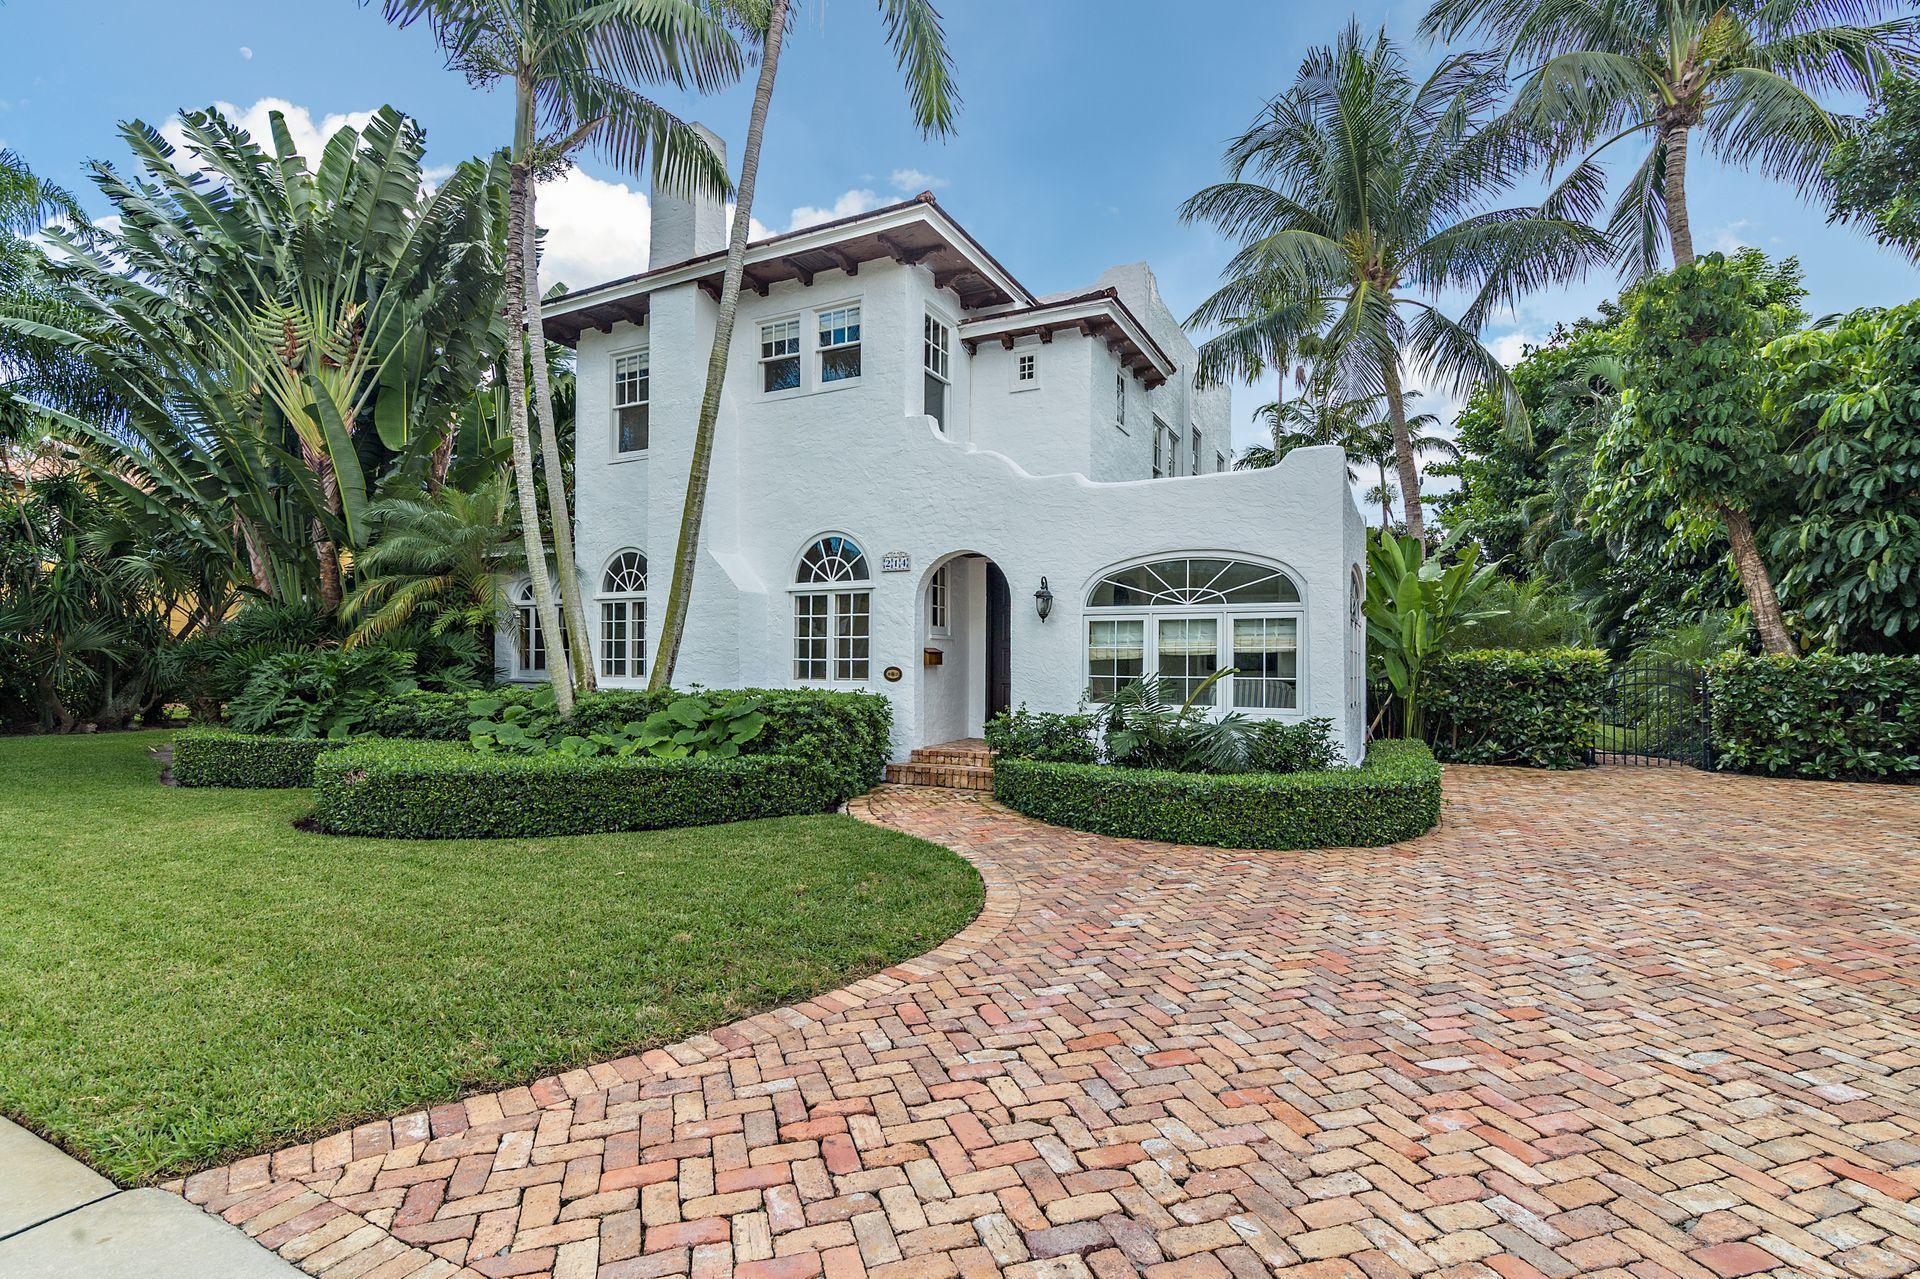 214 Monroe Drive - West Palm Beach, Florida